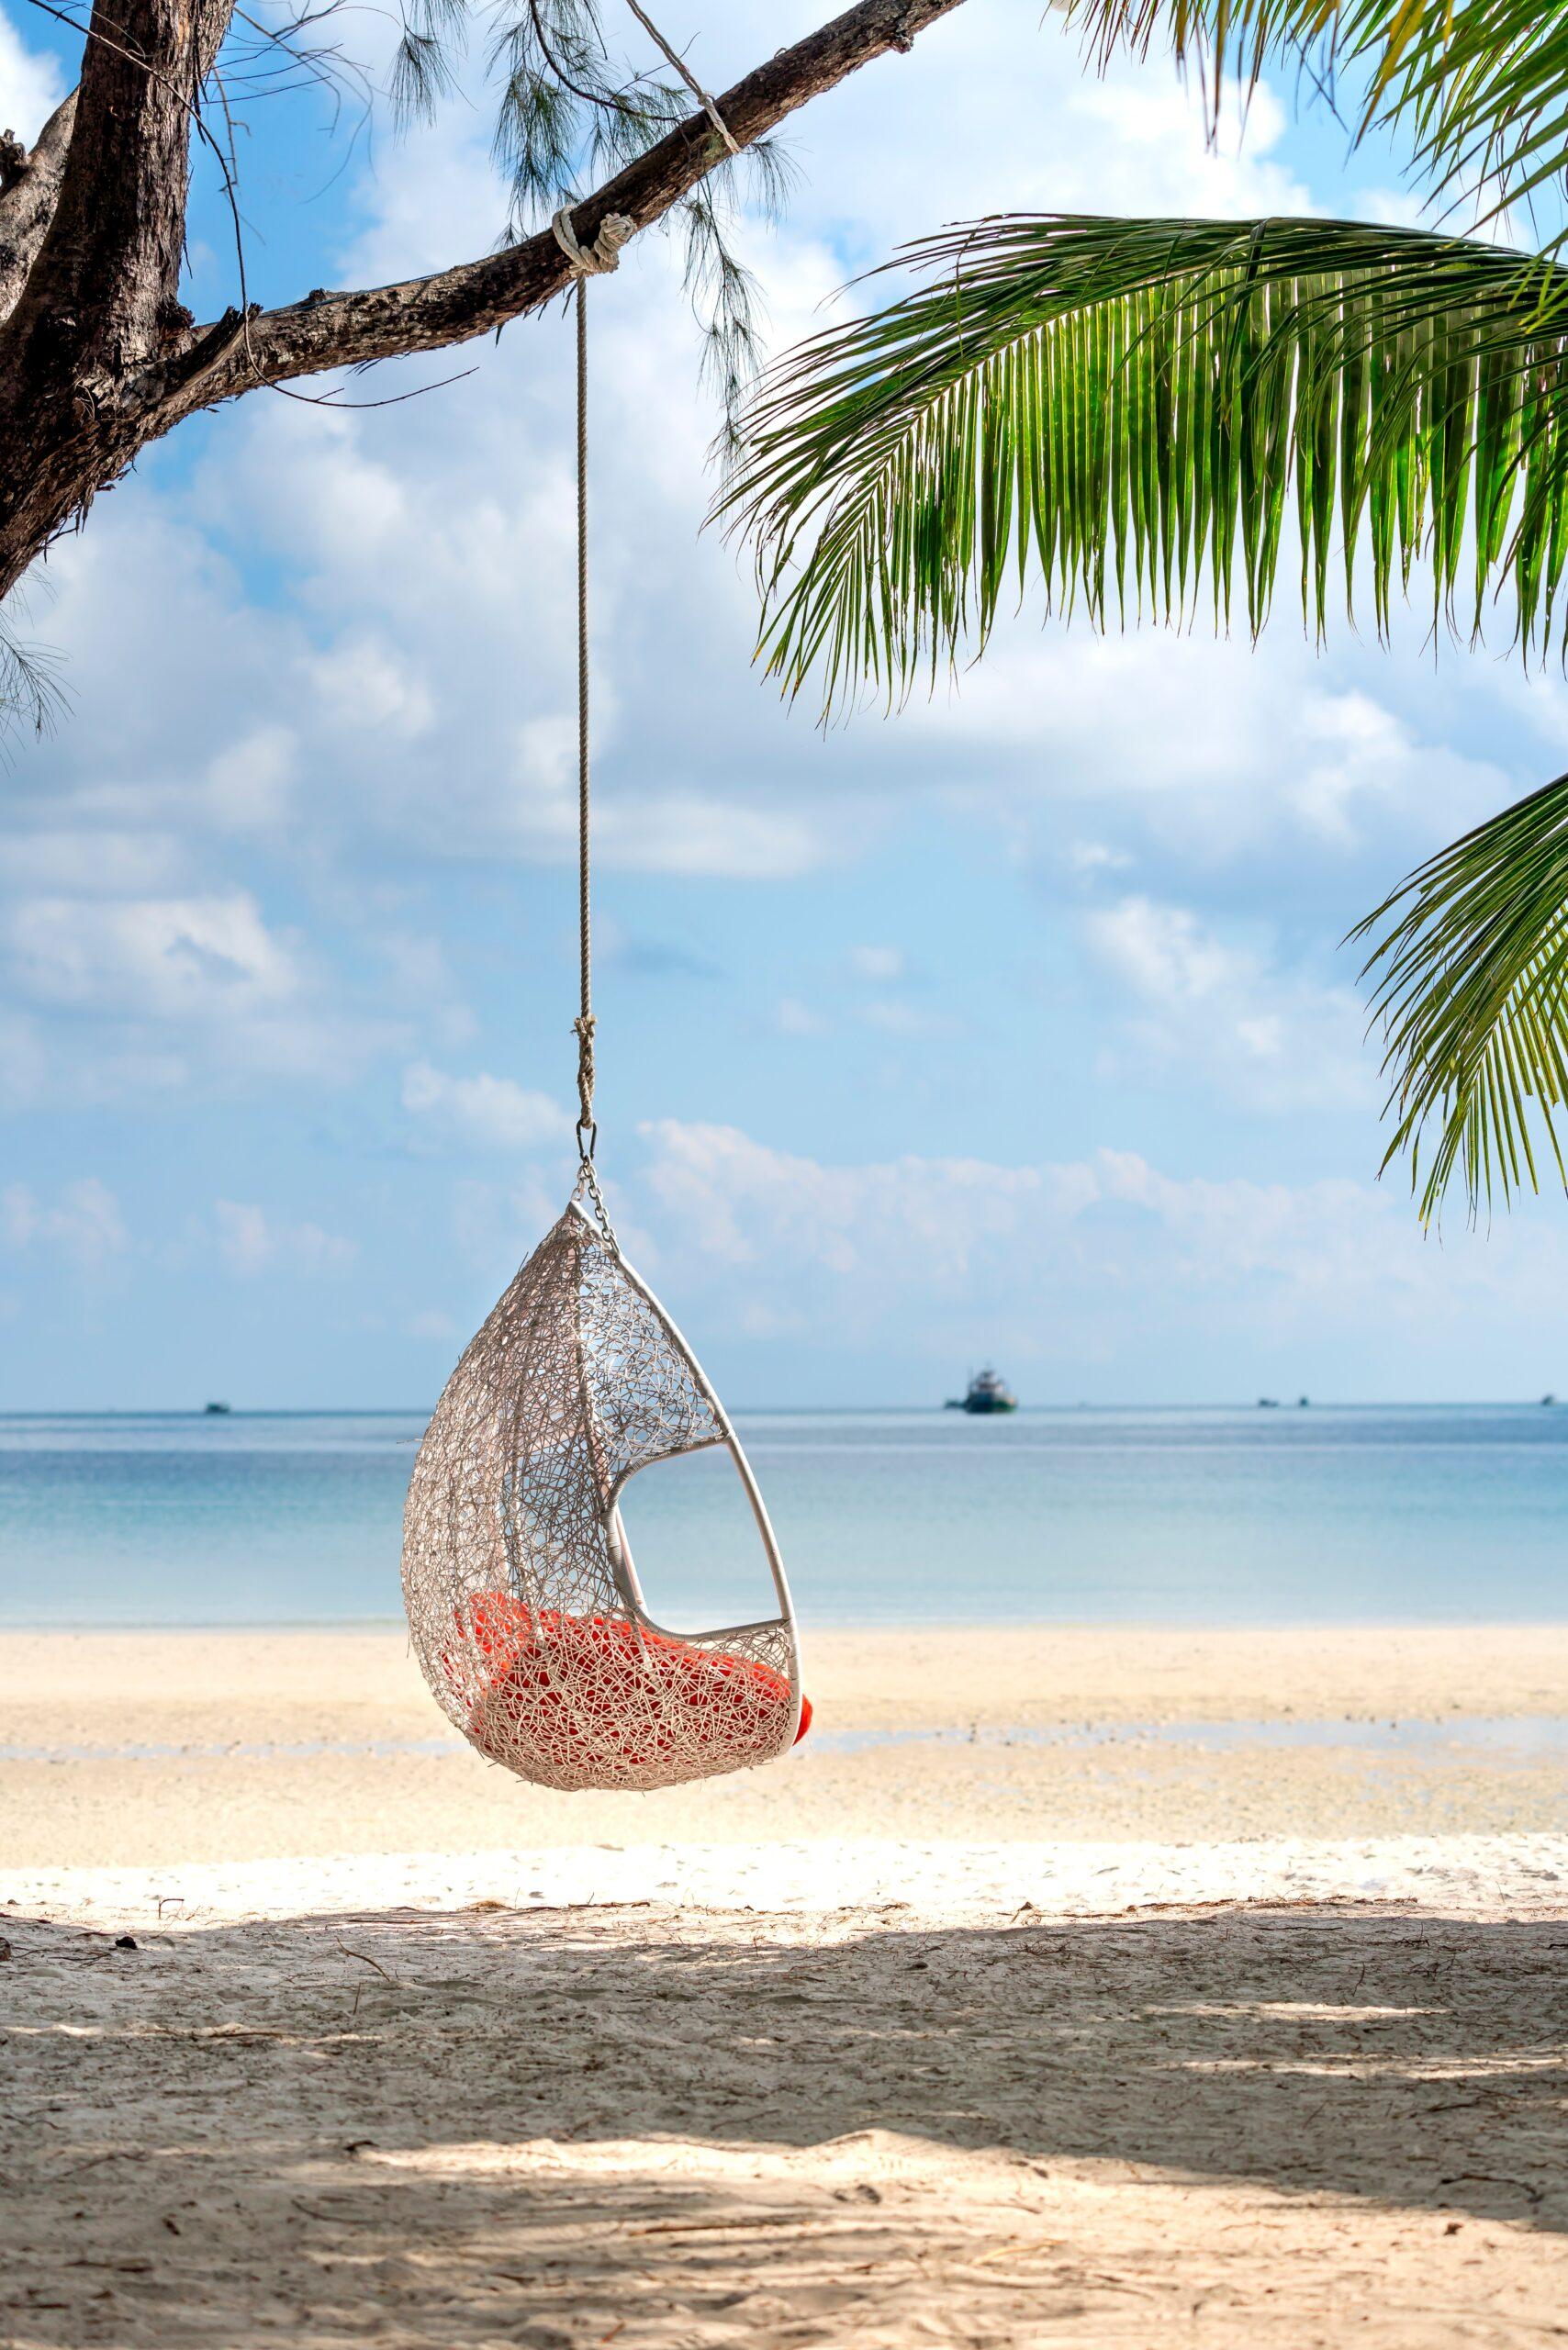 Många tror att FIRE innebär att man slappar på stranden resten av livet.